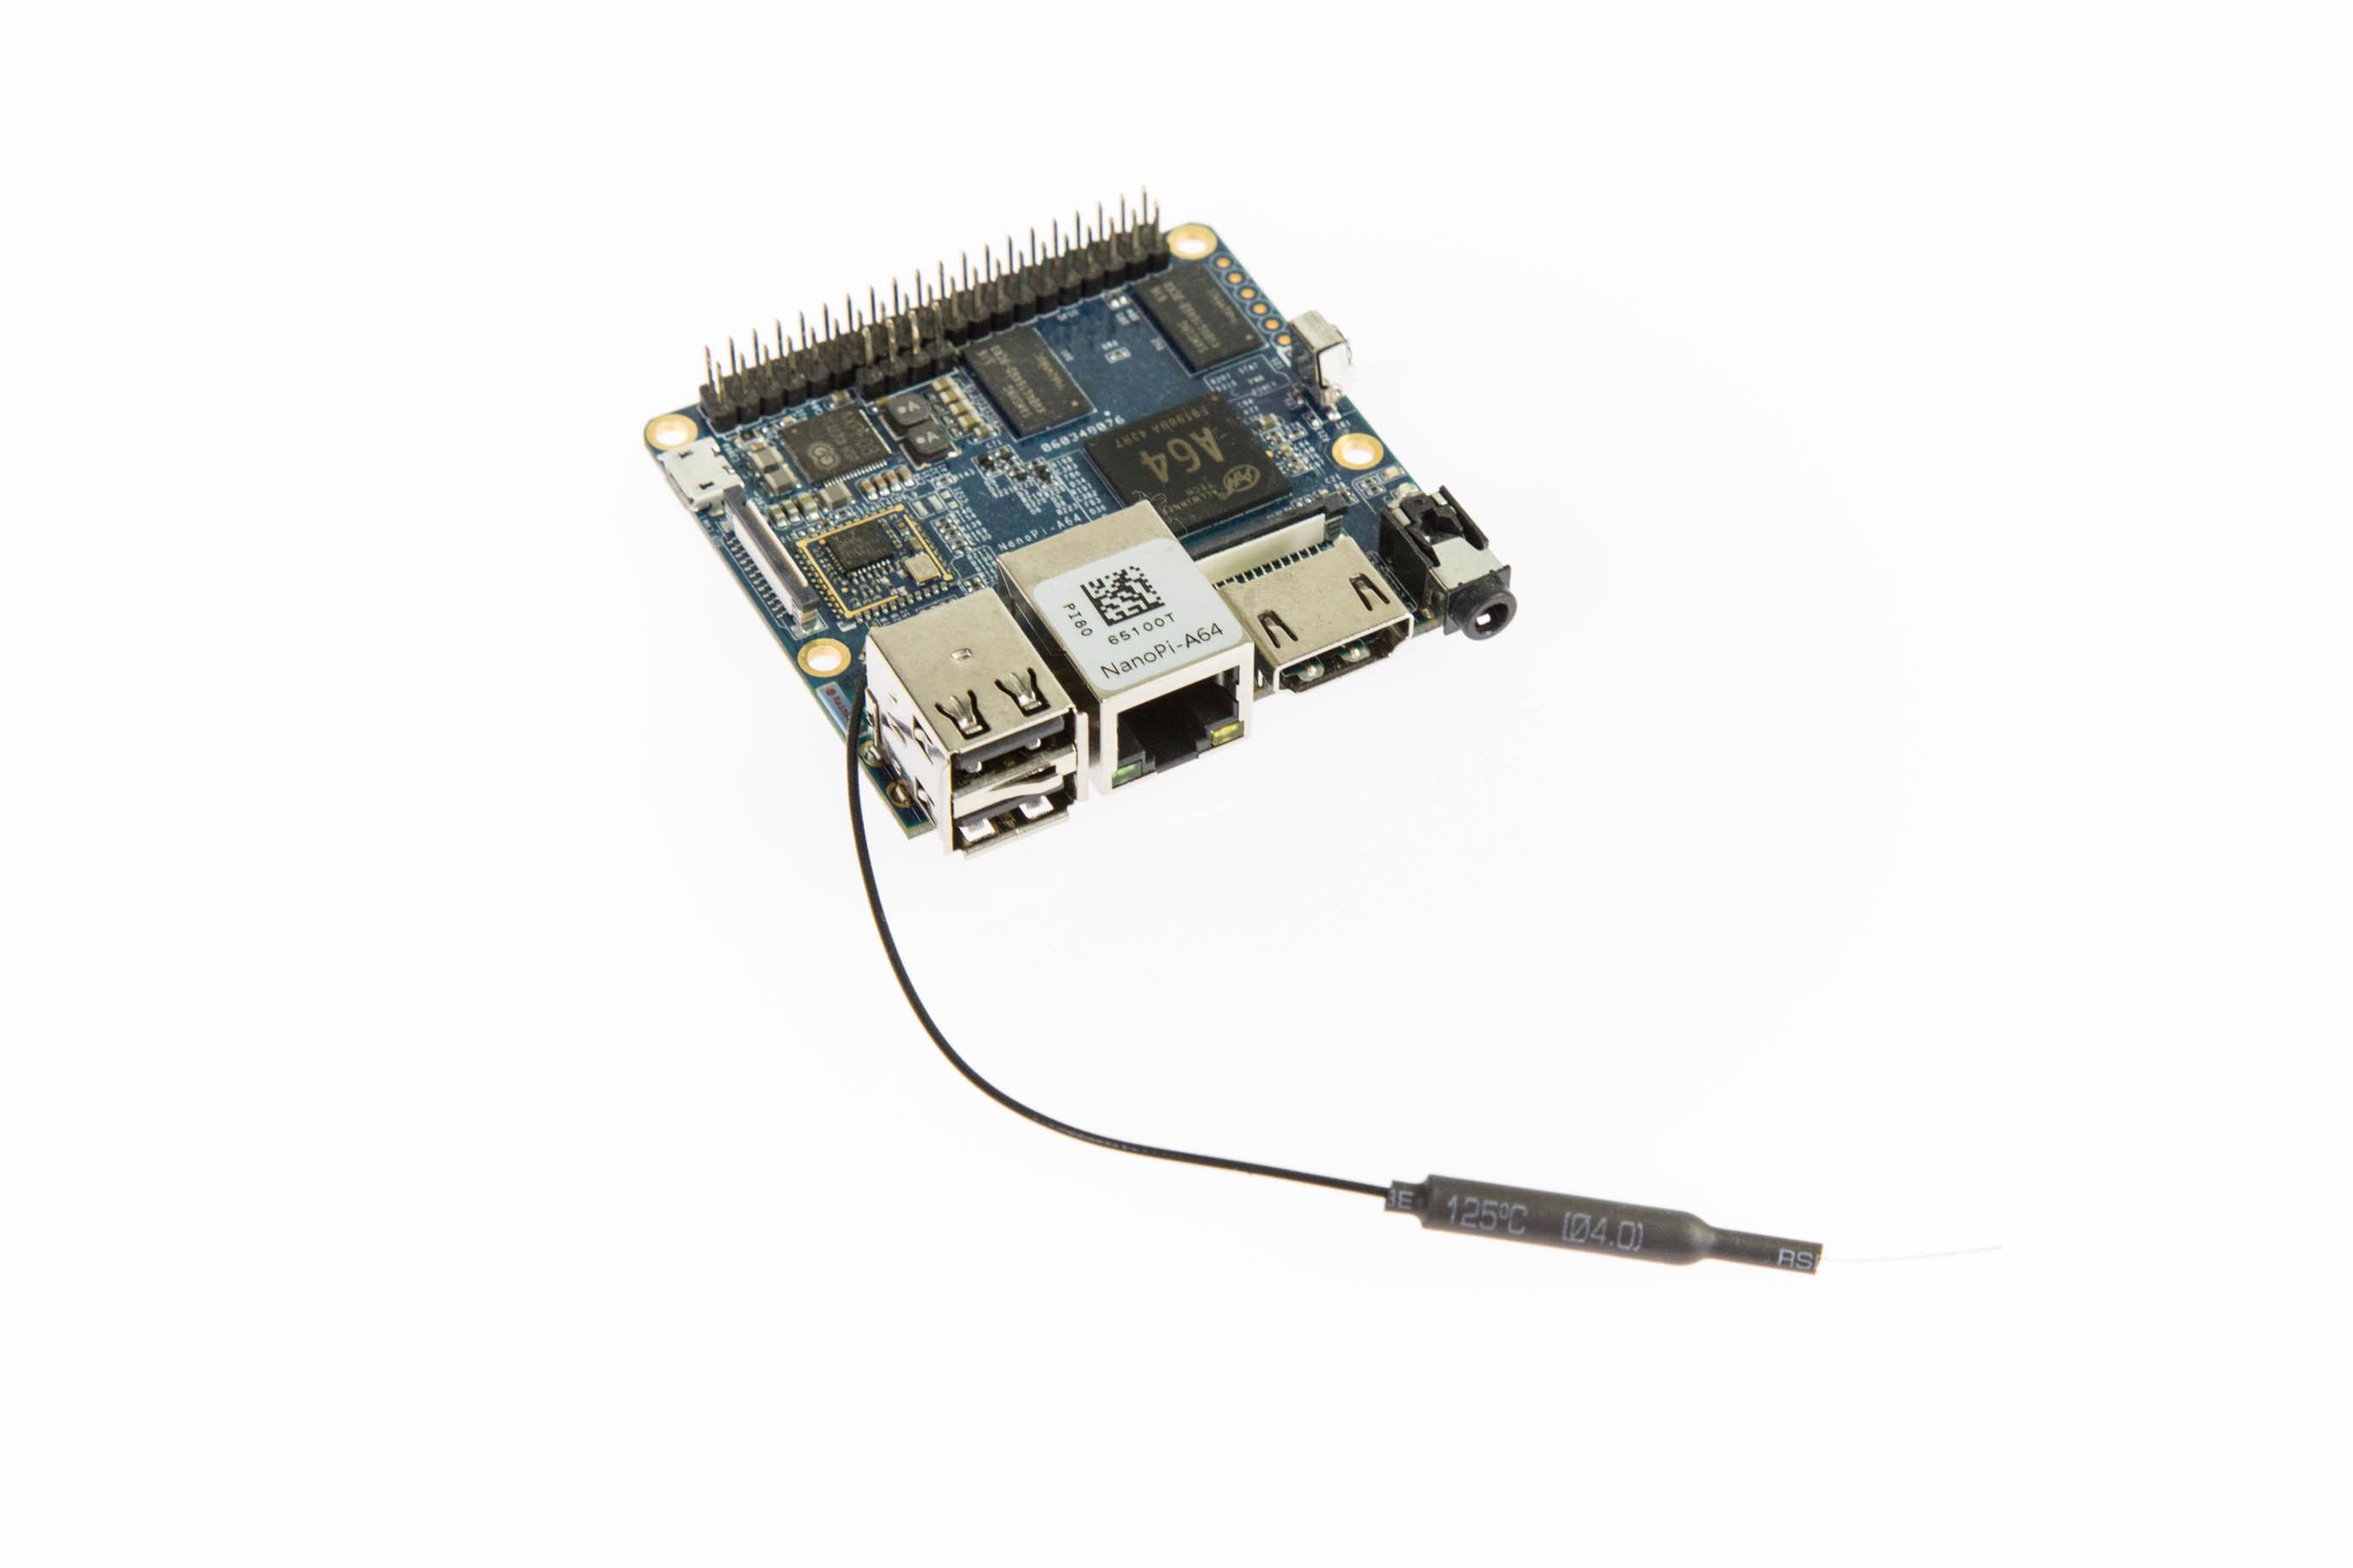 Bastelrechner Nano Pi im Test: Klein, aber nicht unbedingt oho - Der Nano Pi A64 mit angesteckter Antenne (Bild: Martin Wolf/Golem.de)